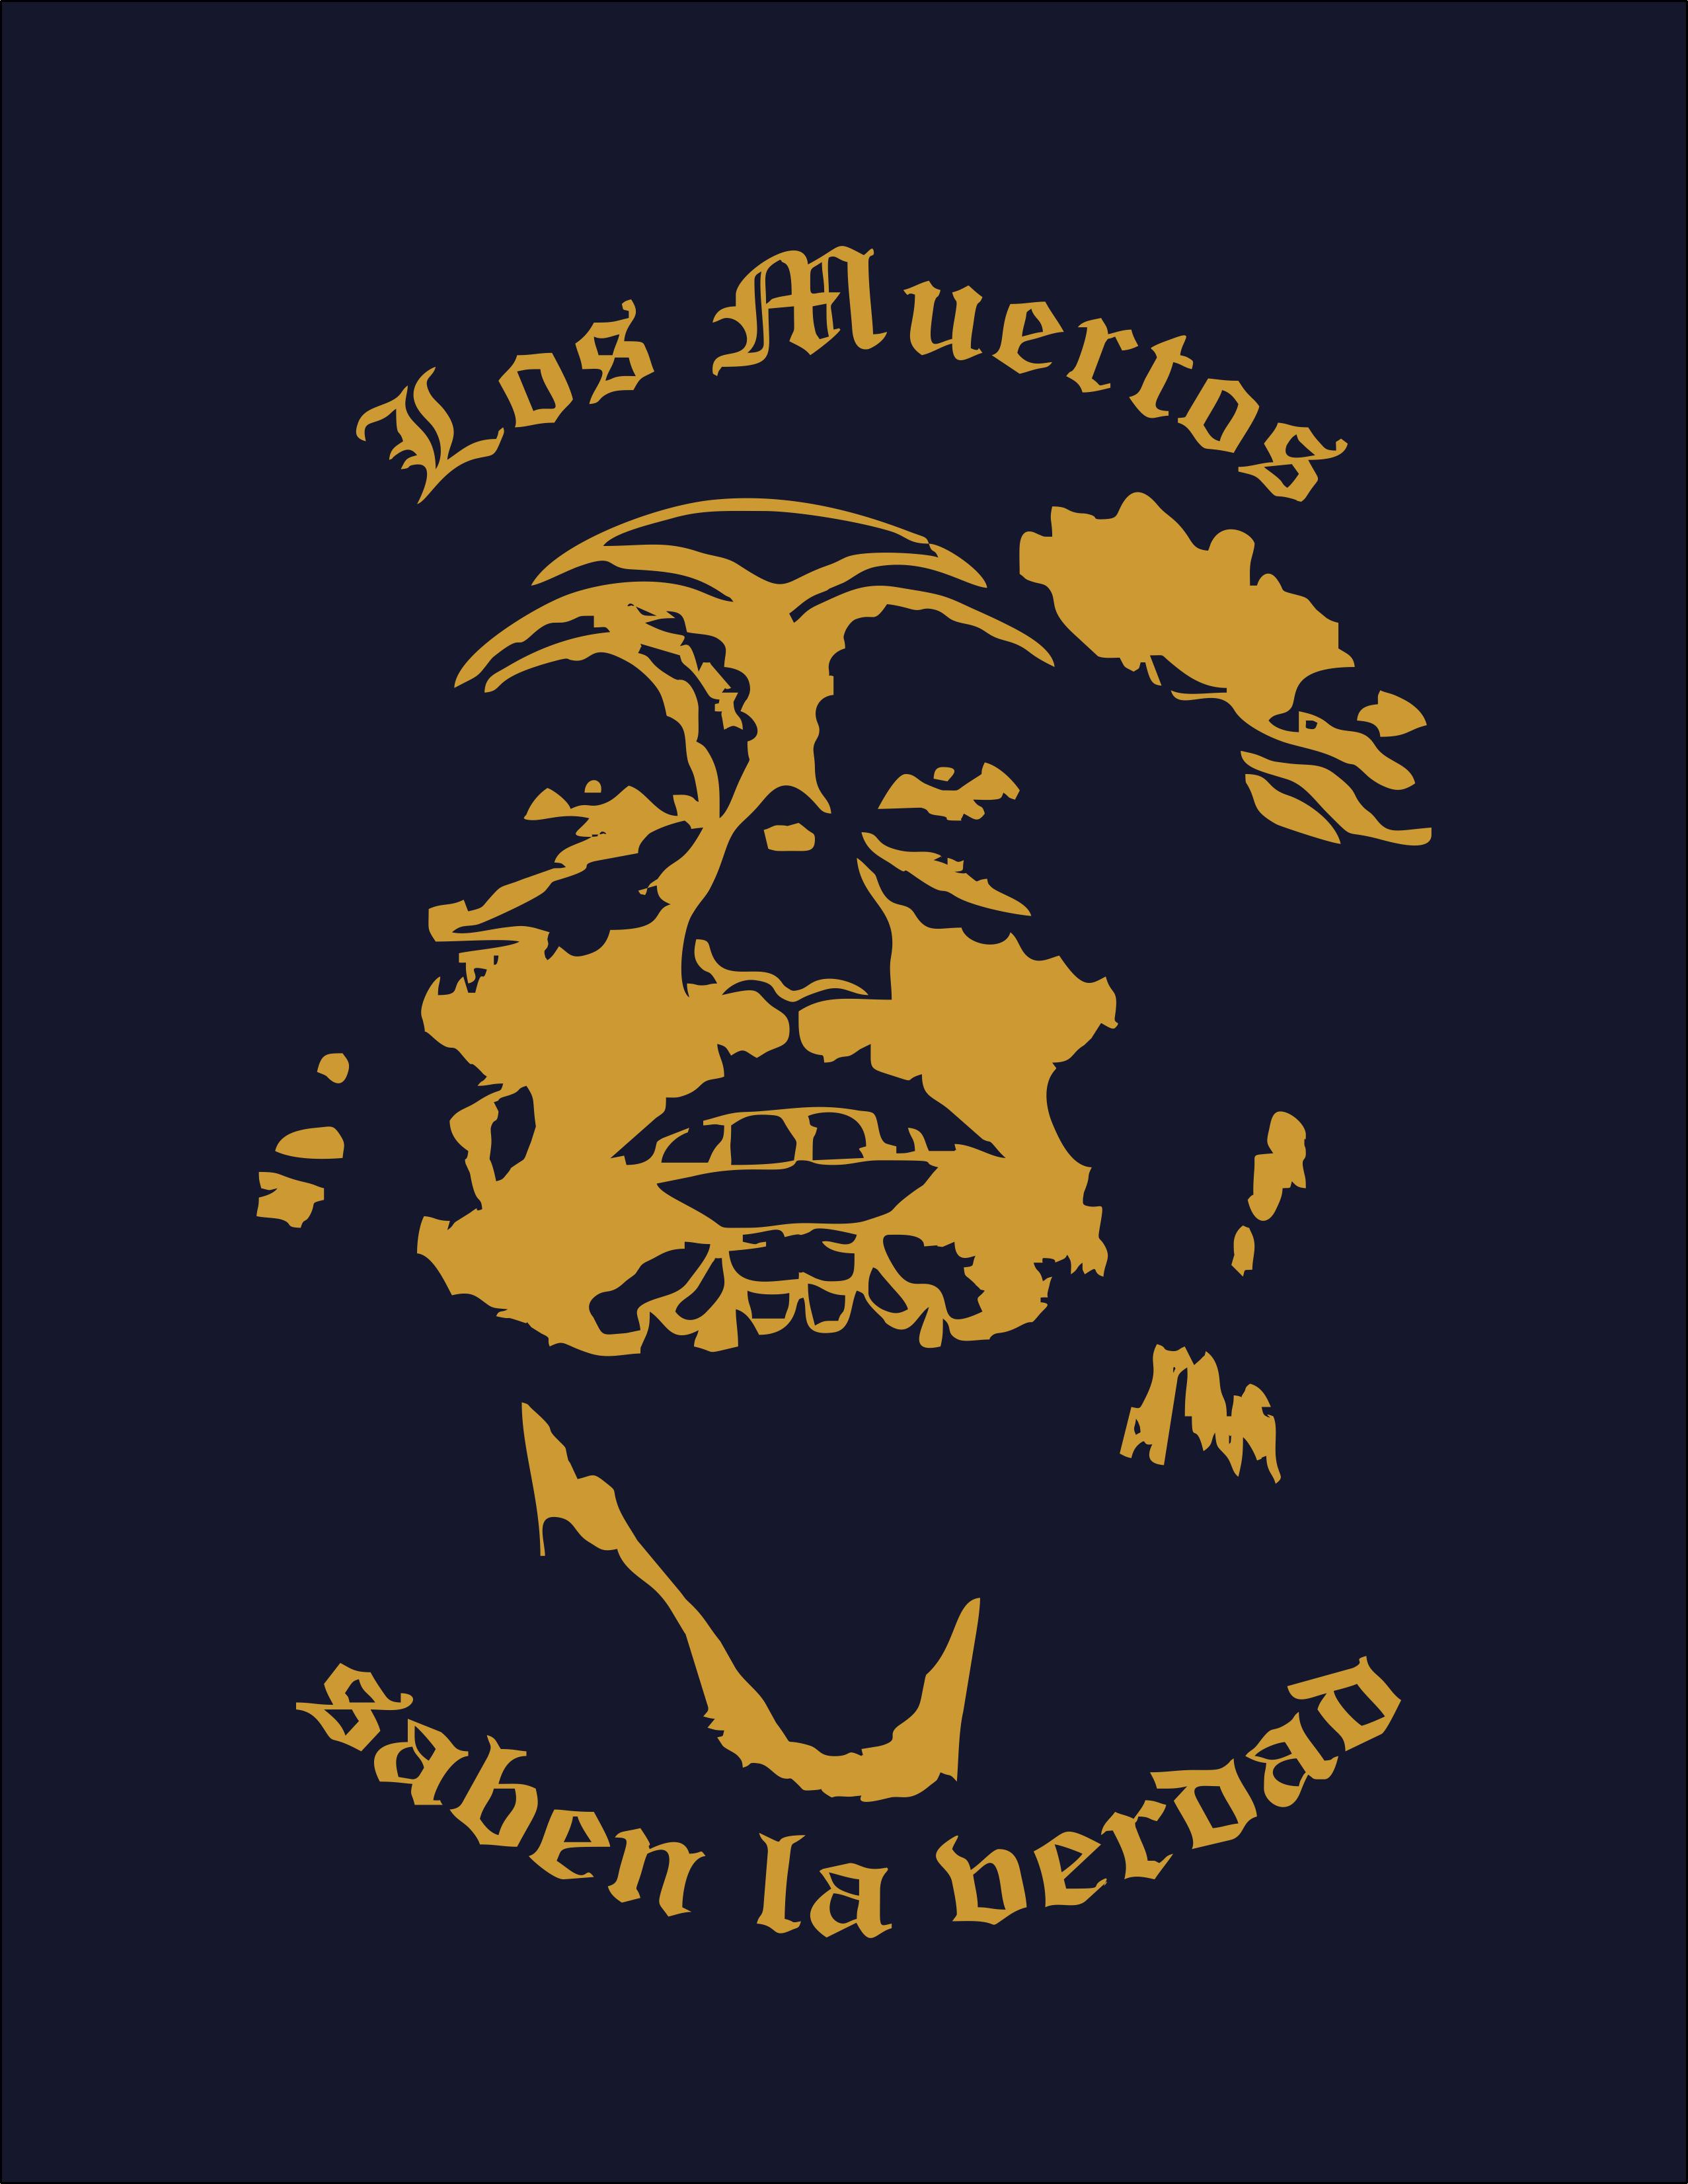 Los Muertos Saben La Verdad.png